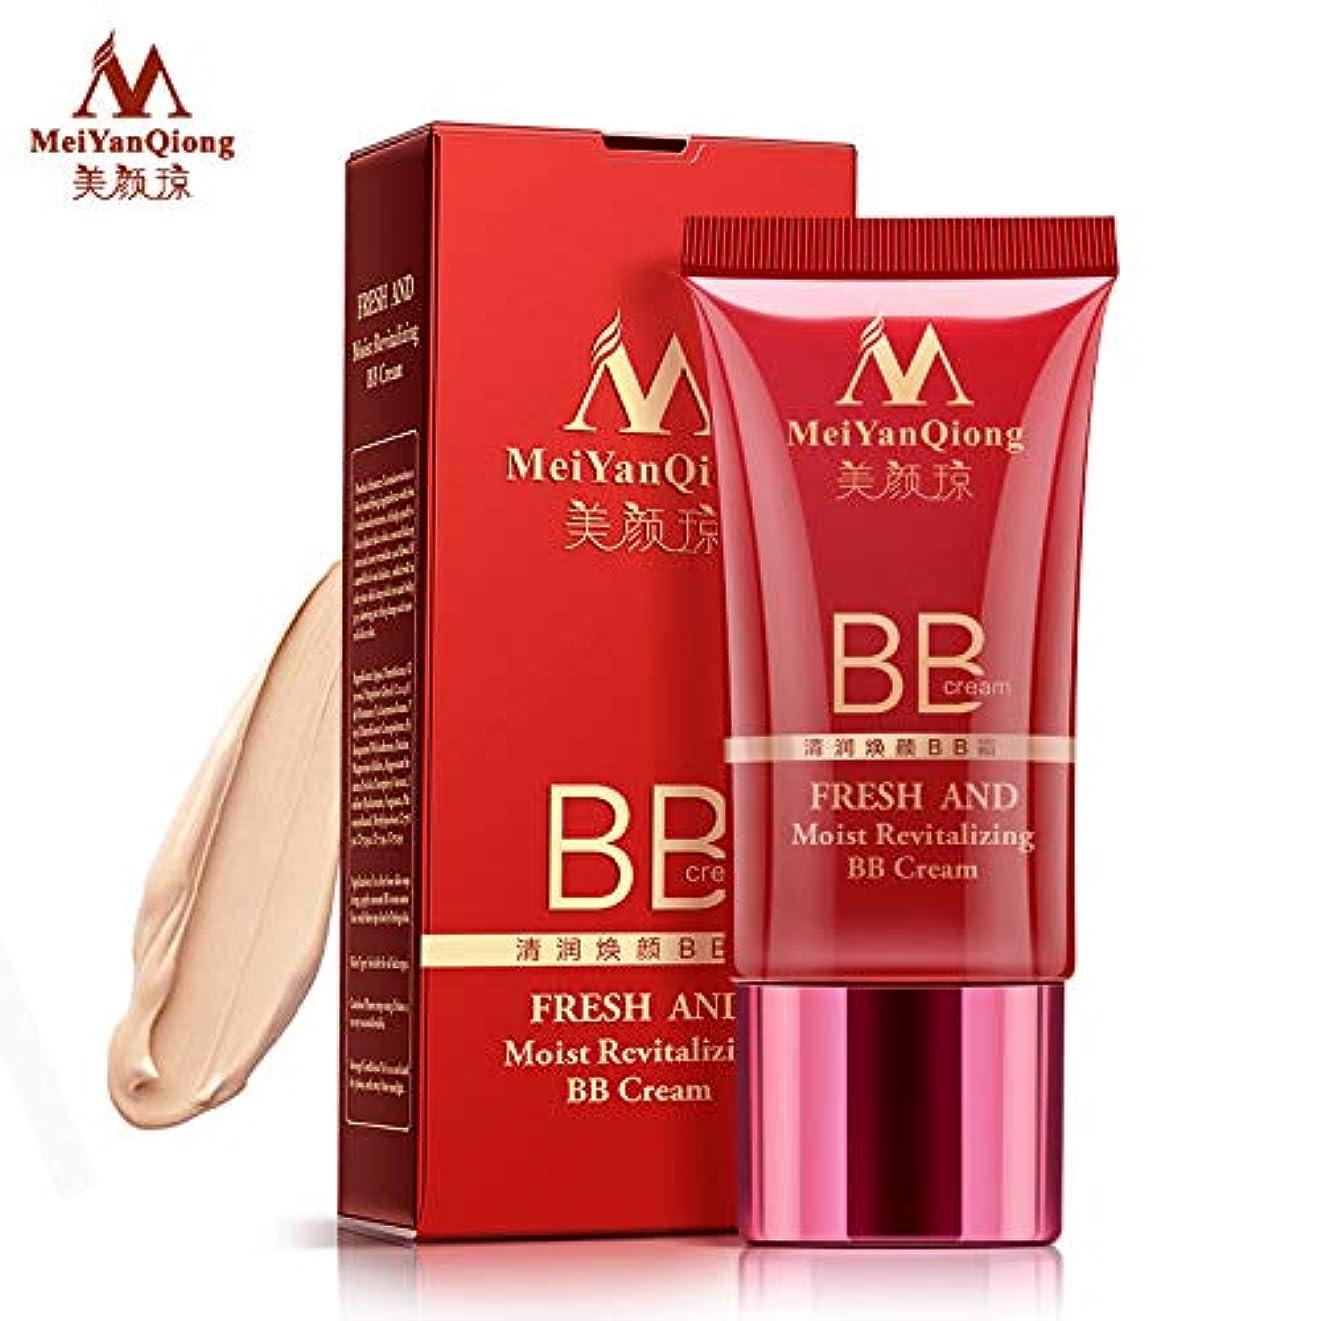 海外メンテナンス実験的Symboat BBクリーム フレッシュ しっとり 活性化 メイクアップ フェイスケア 美白 コンパクト ファンデーション メイクツール 化粧ベース 美容 化粧品 健康的な自然な肌色